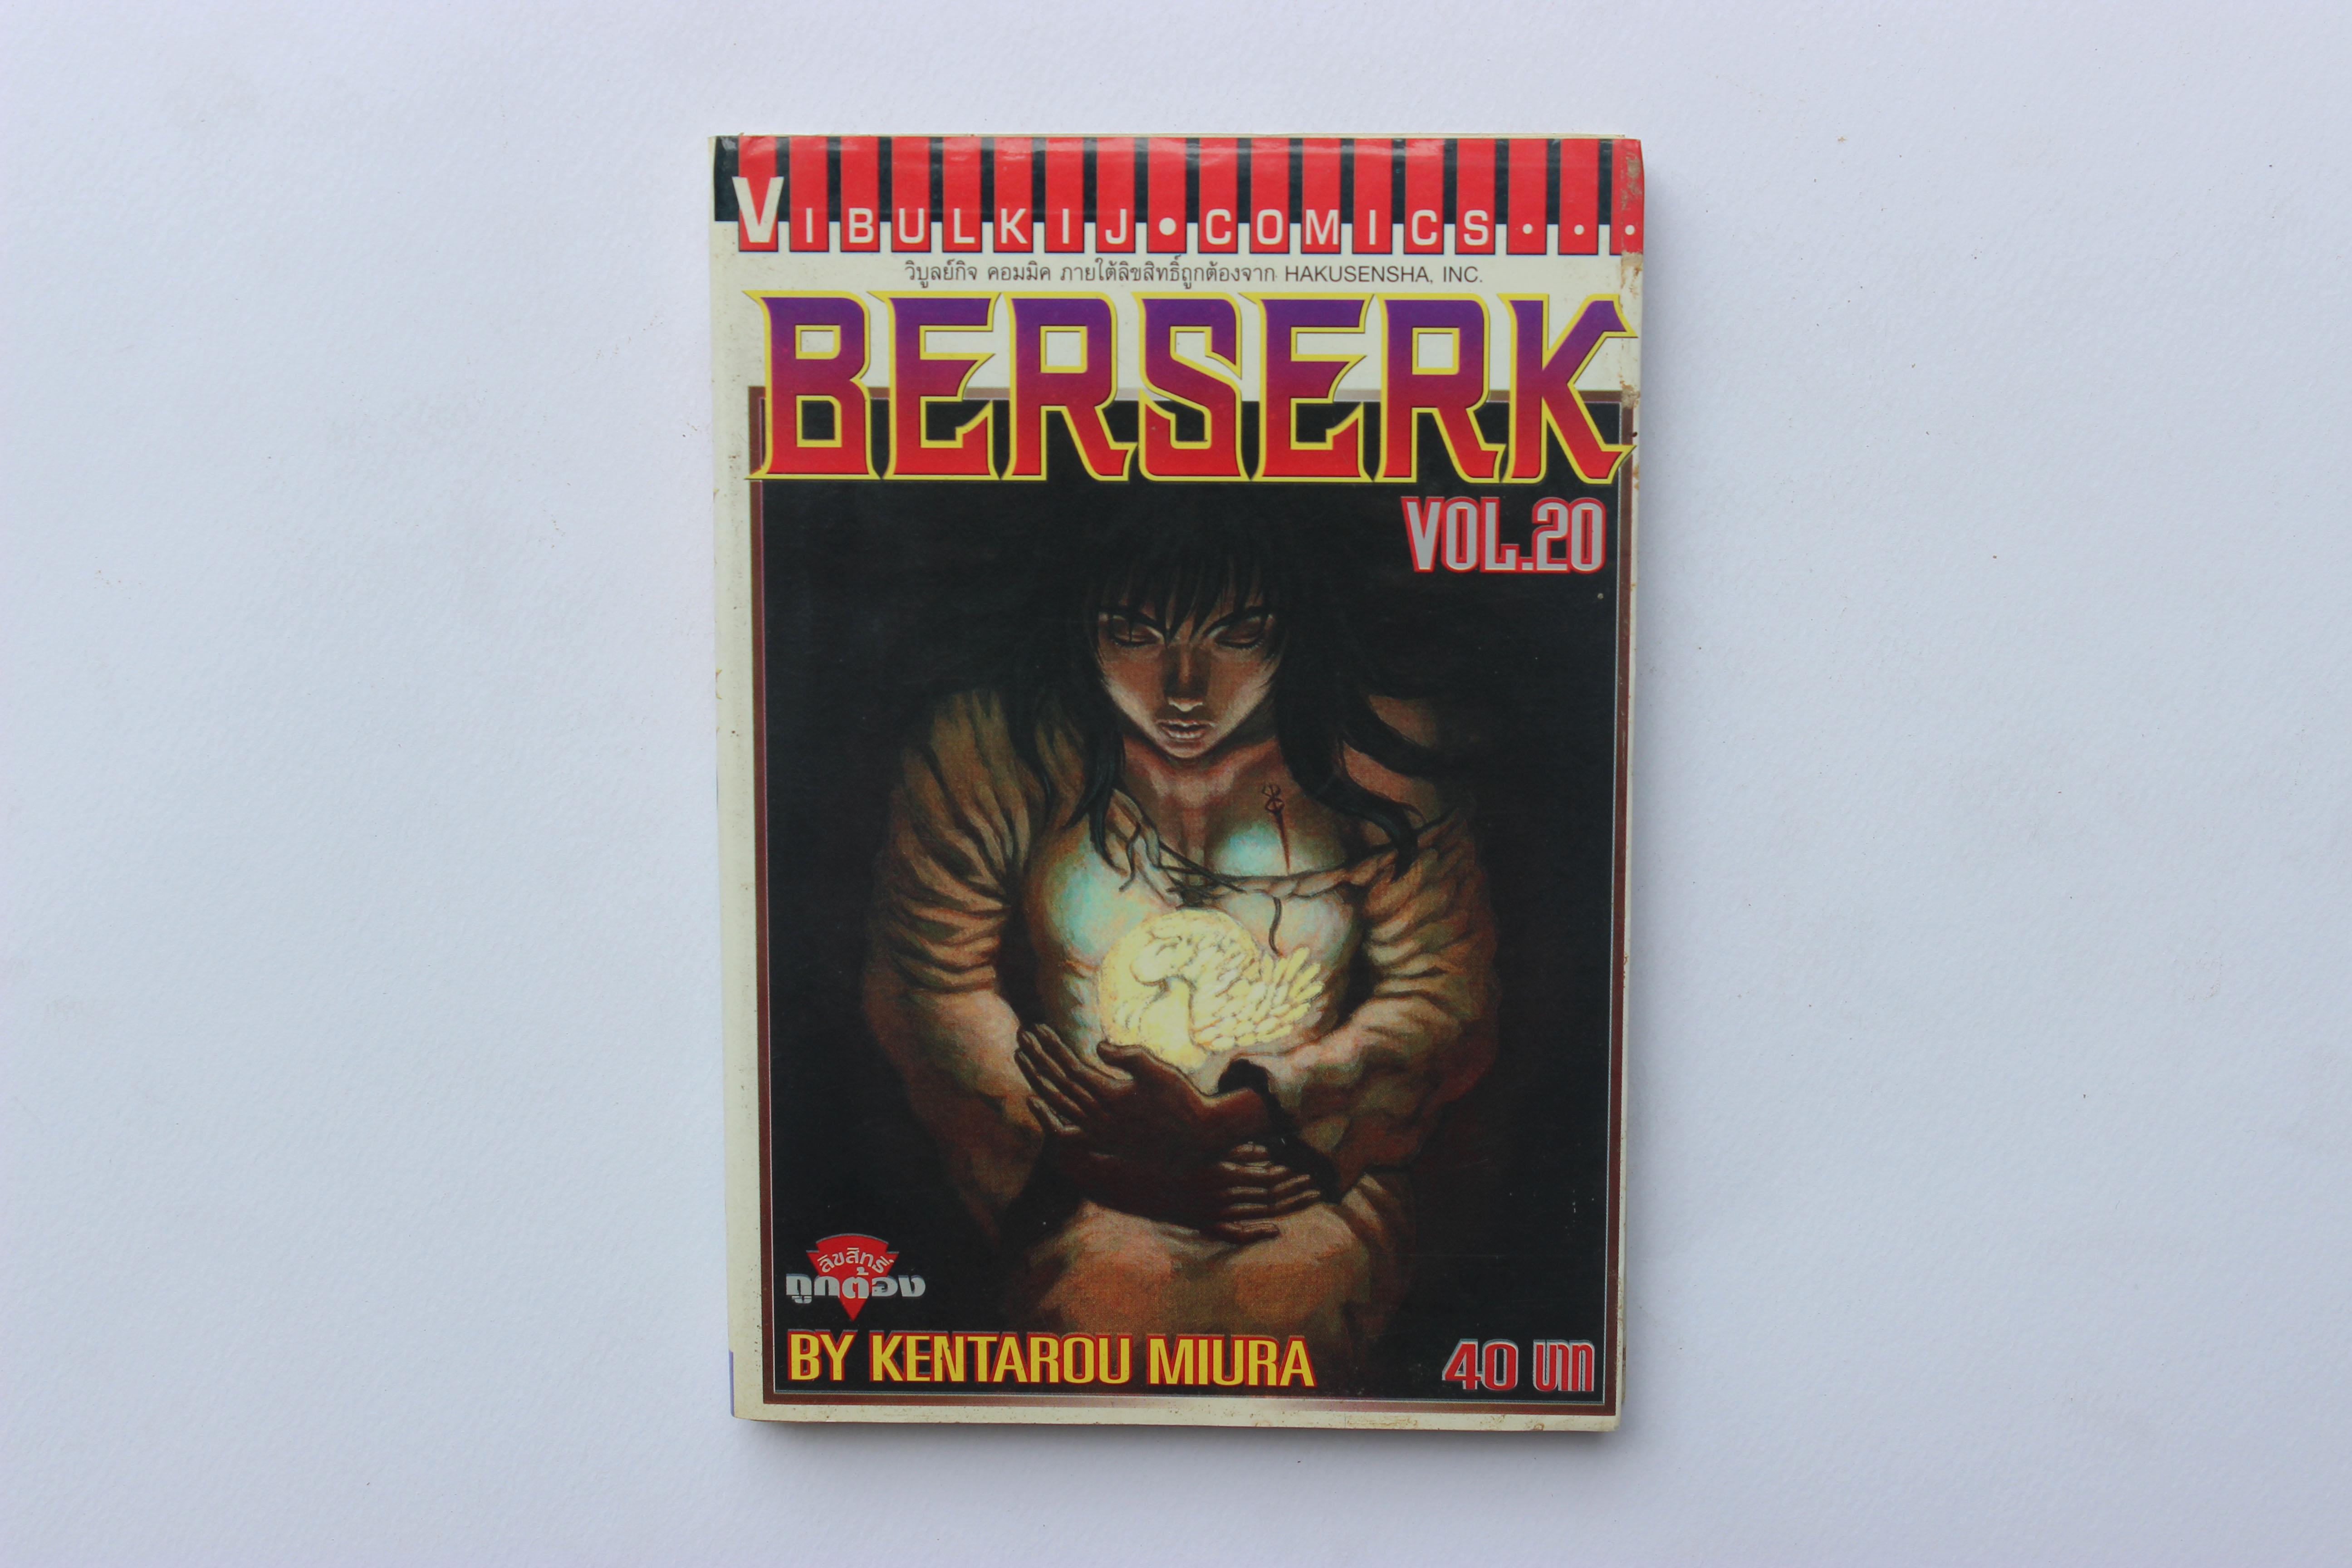 BERSERK Vol.20